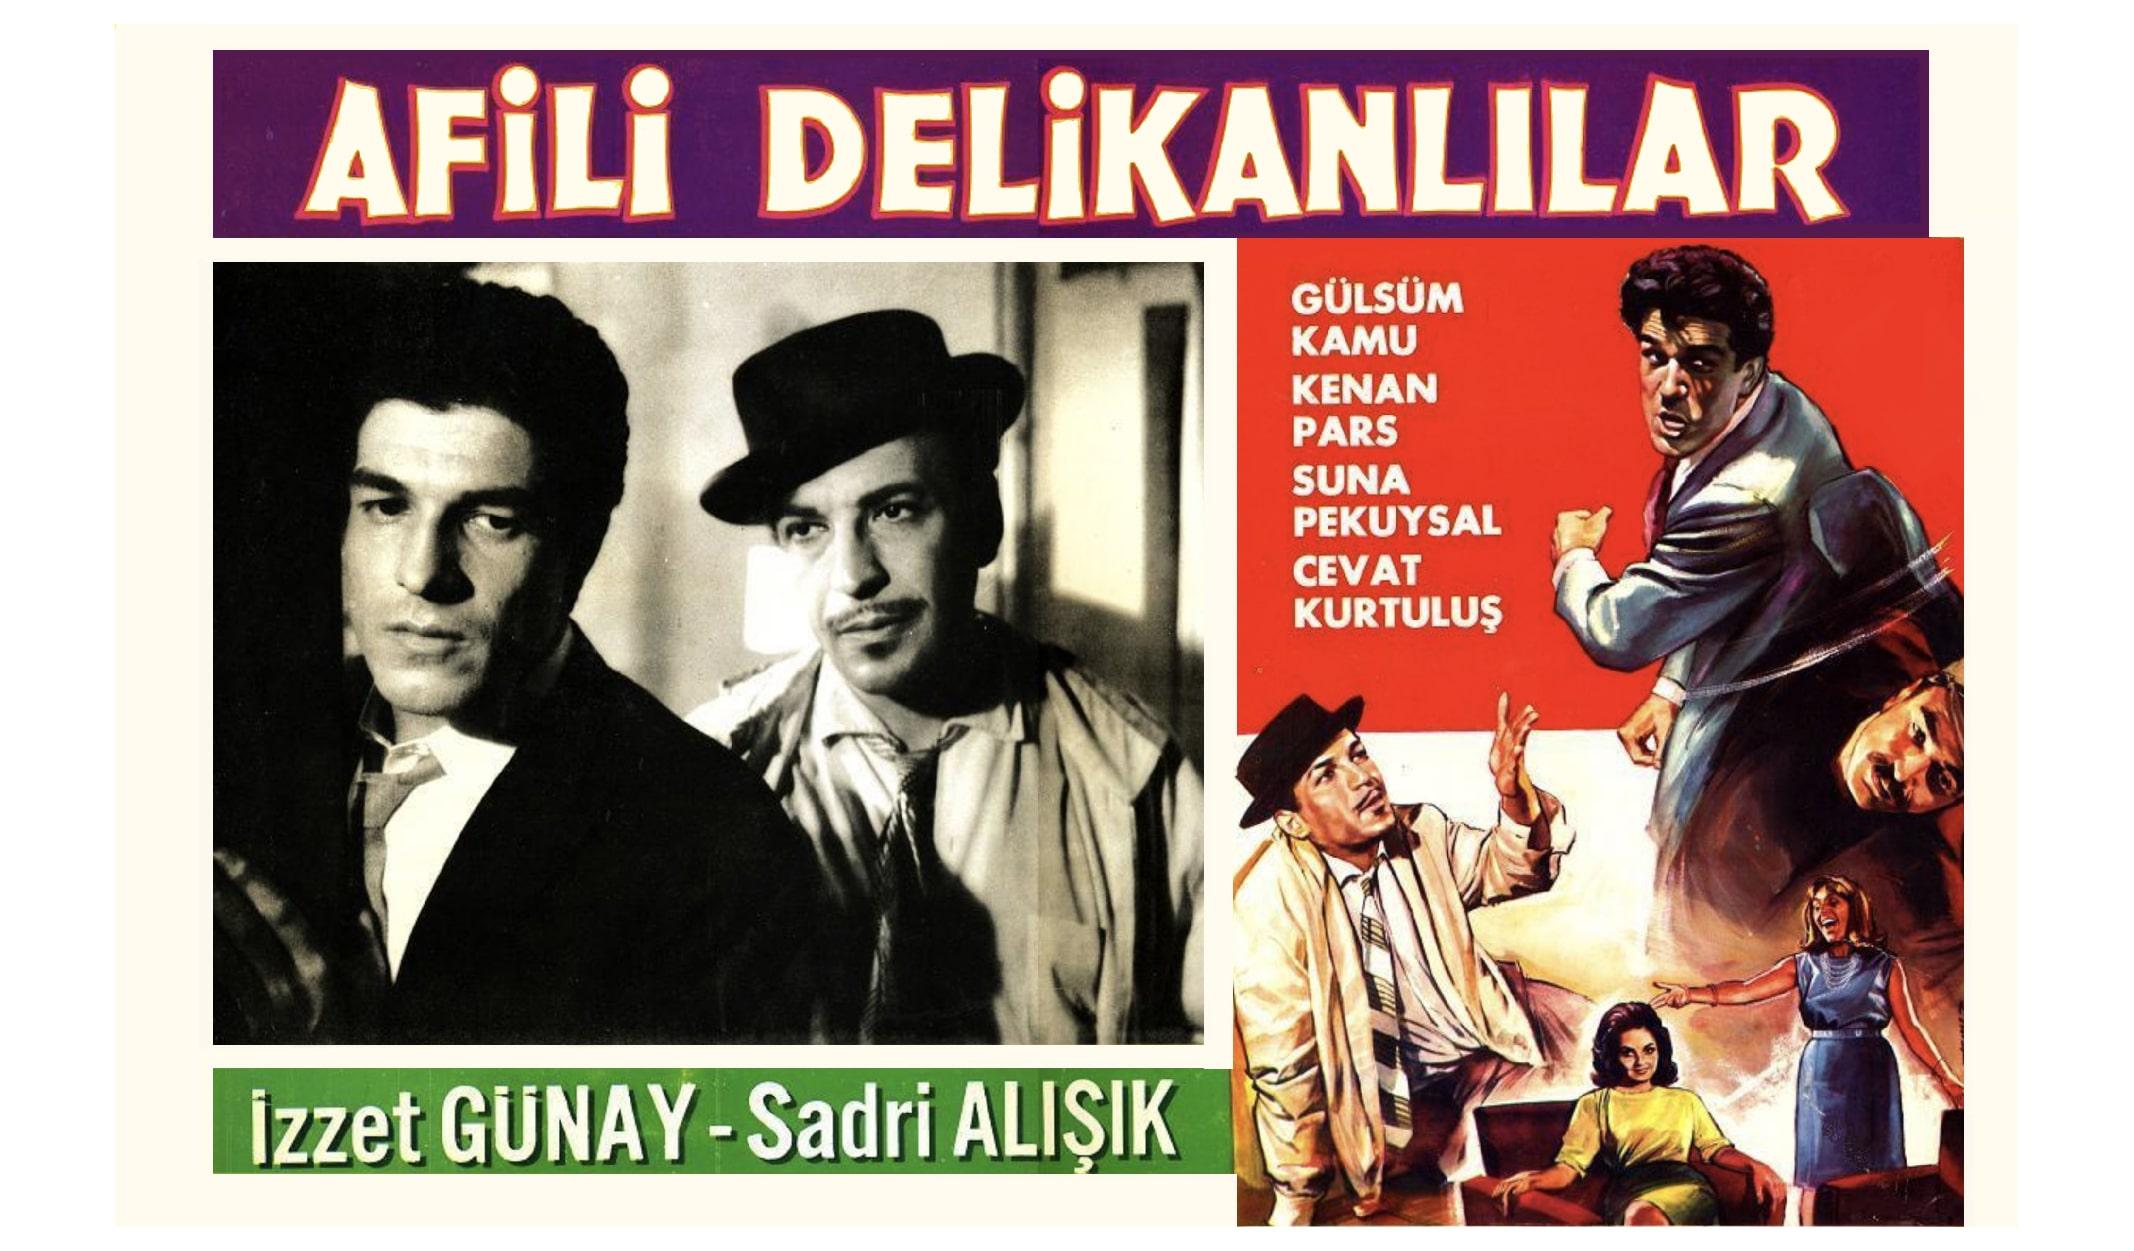 yeşilçam, türk sineması